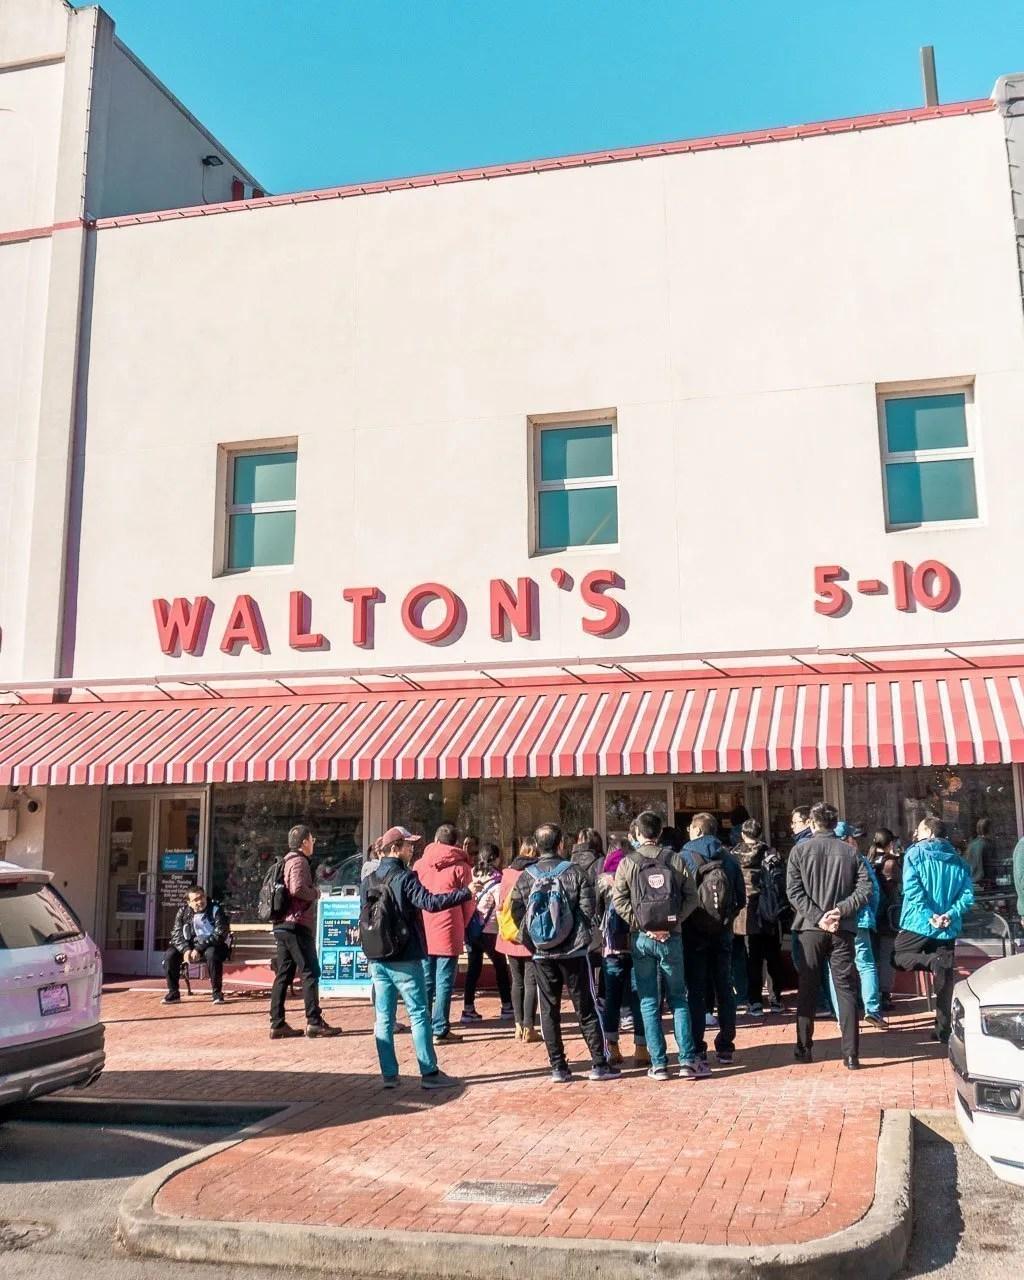 Walmart Museum in Bentonville, Arkansas